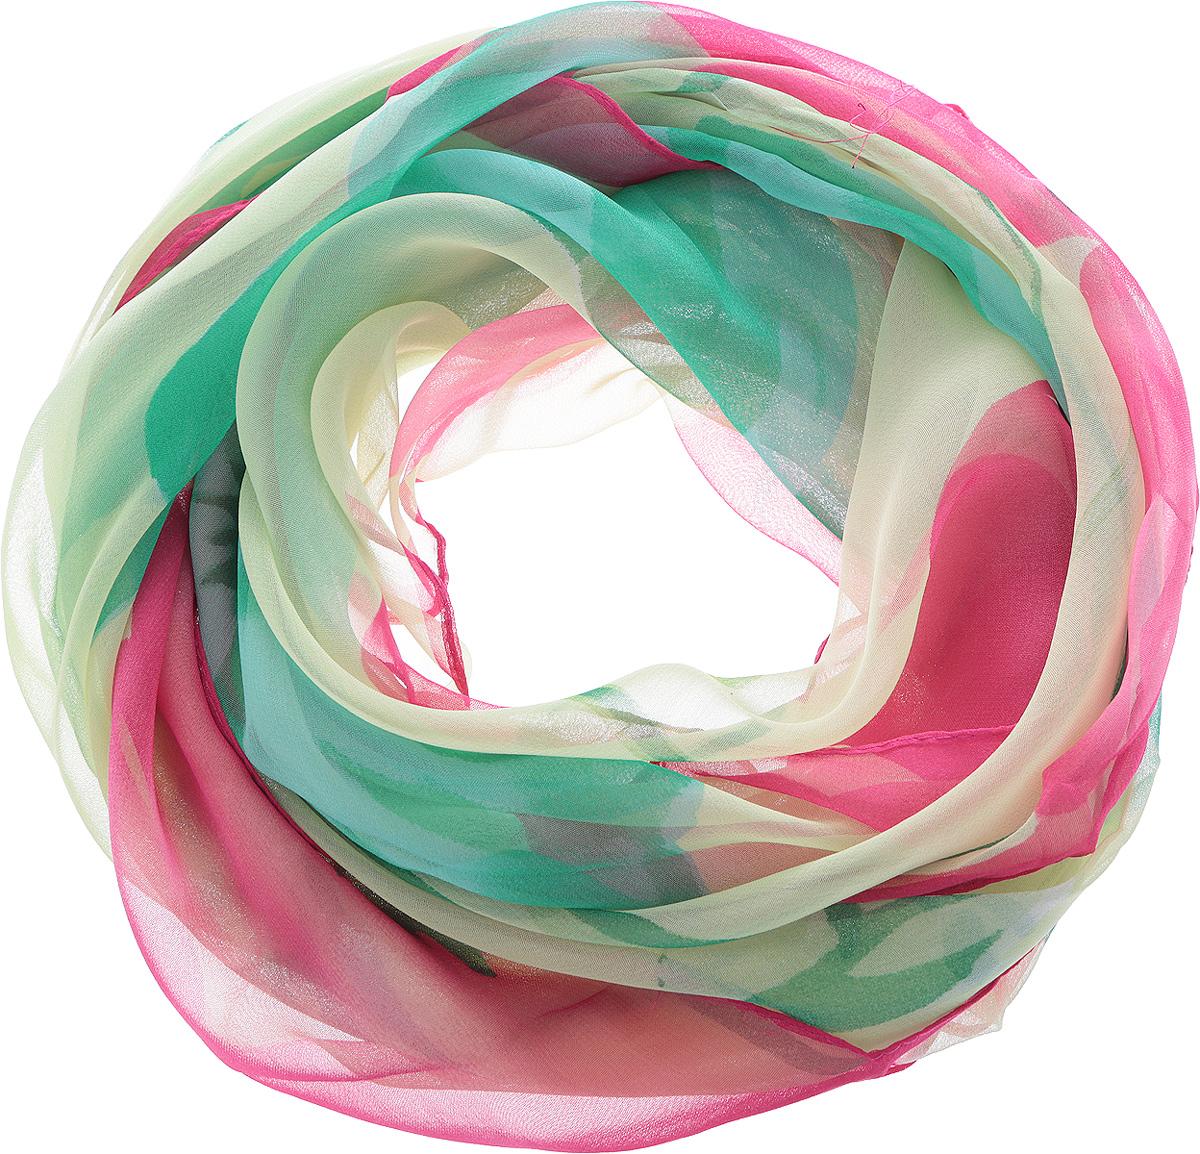 Шарф Sophie Ramage шарф женский sophie ramage цвет синий розовый зеленый yy 21402 3 размер 60 см х 180 см